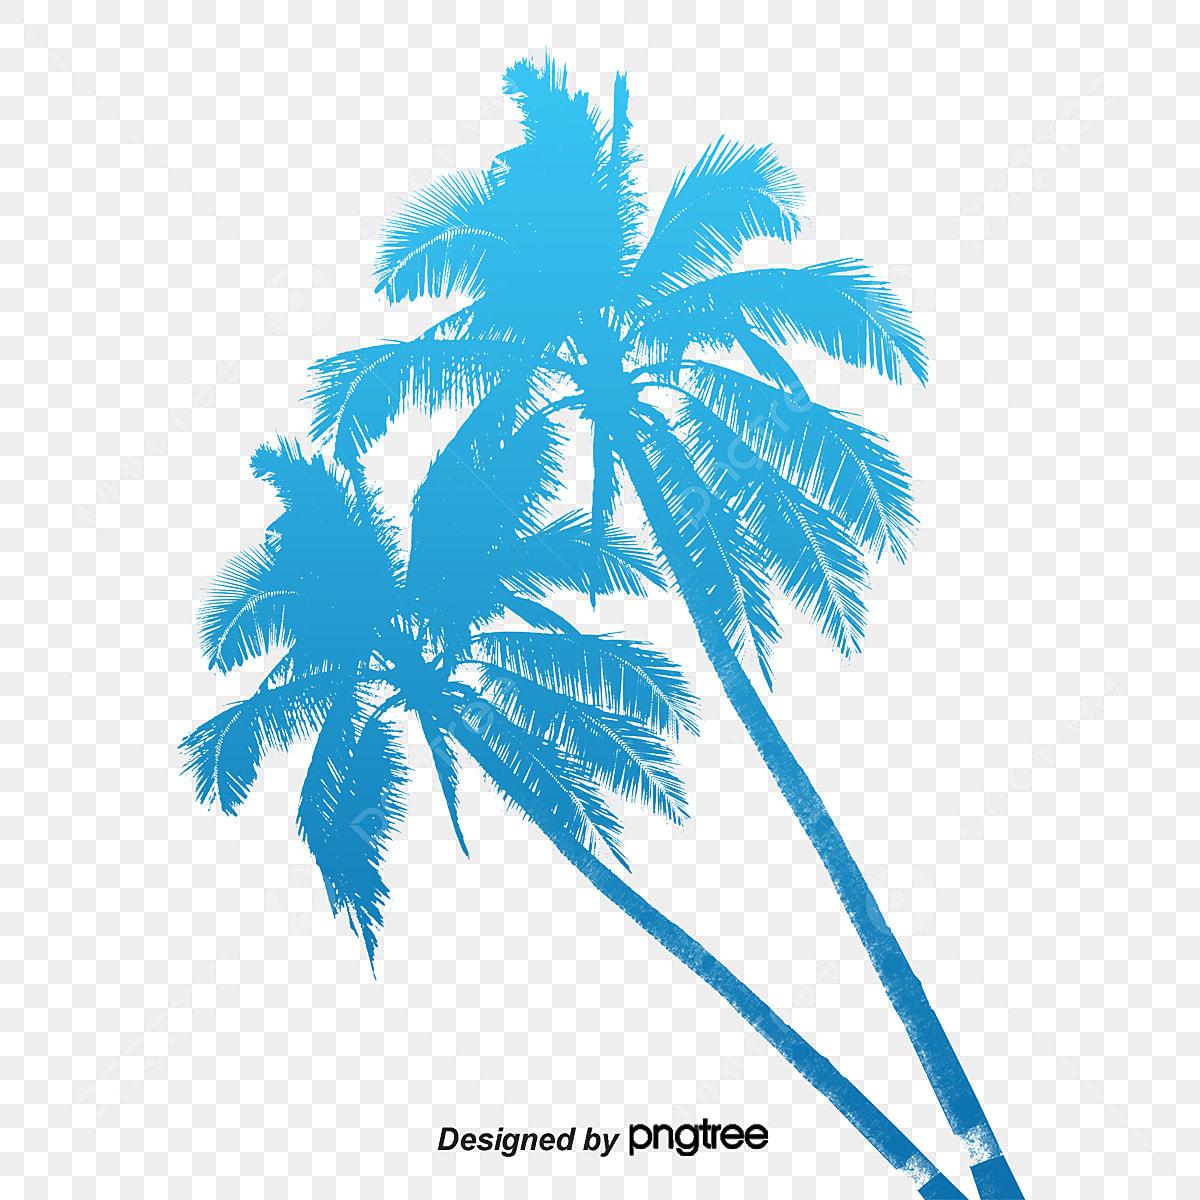 Desenhos De Ramos De Palmeira No Verao Cartoon No Verao Ramos